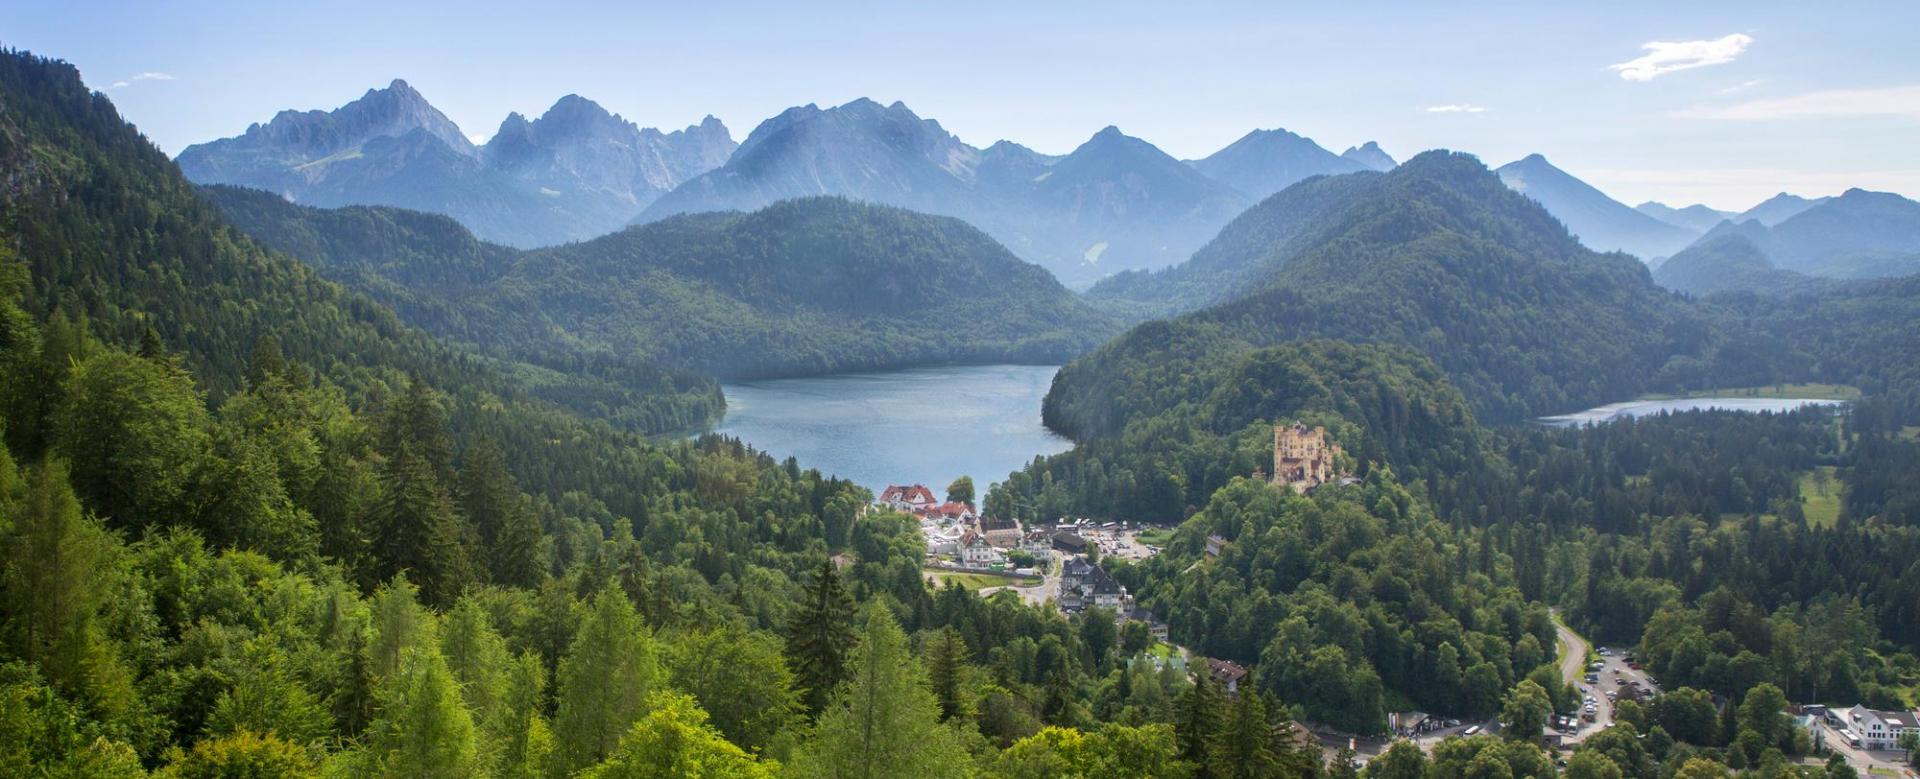 Voyage à pied : Allemagne : Montagnes baroques de bavière